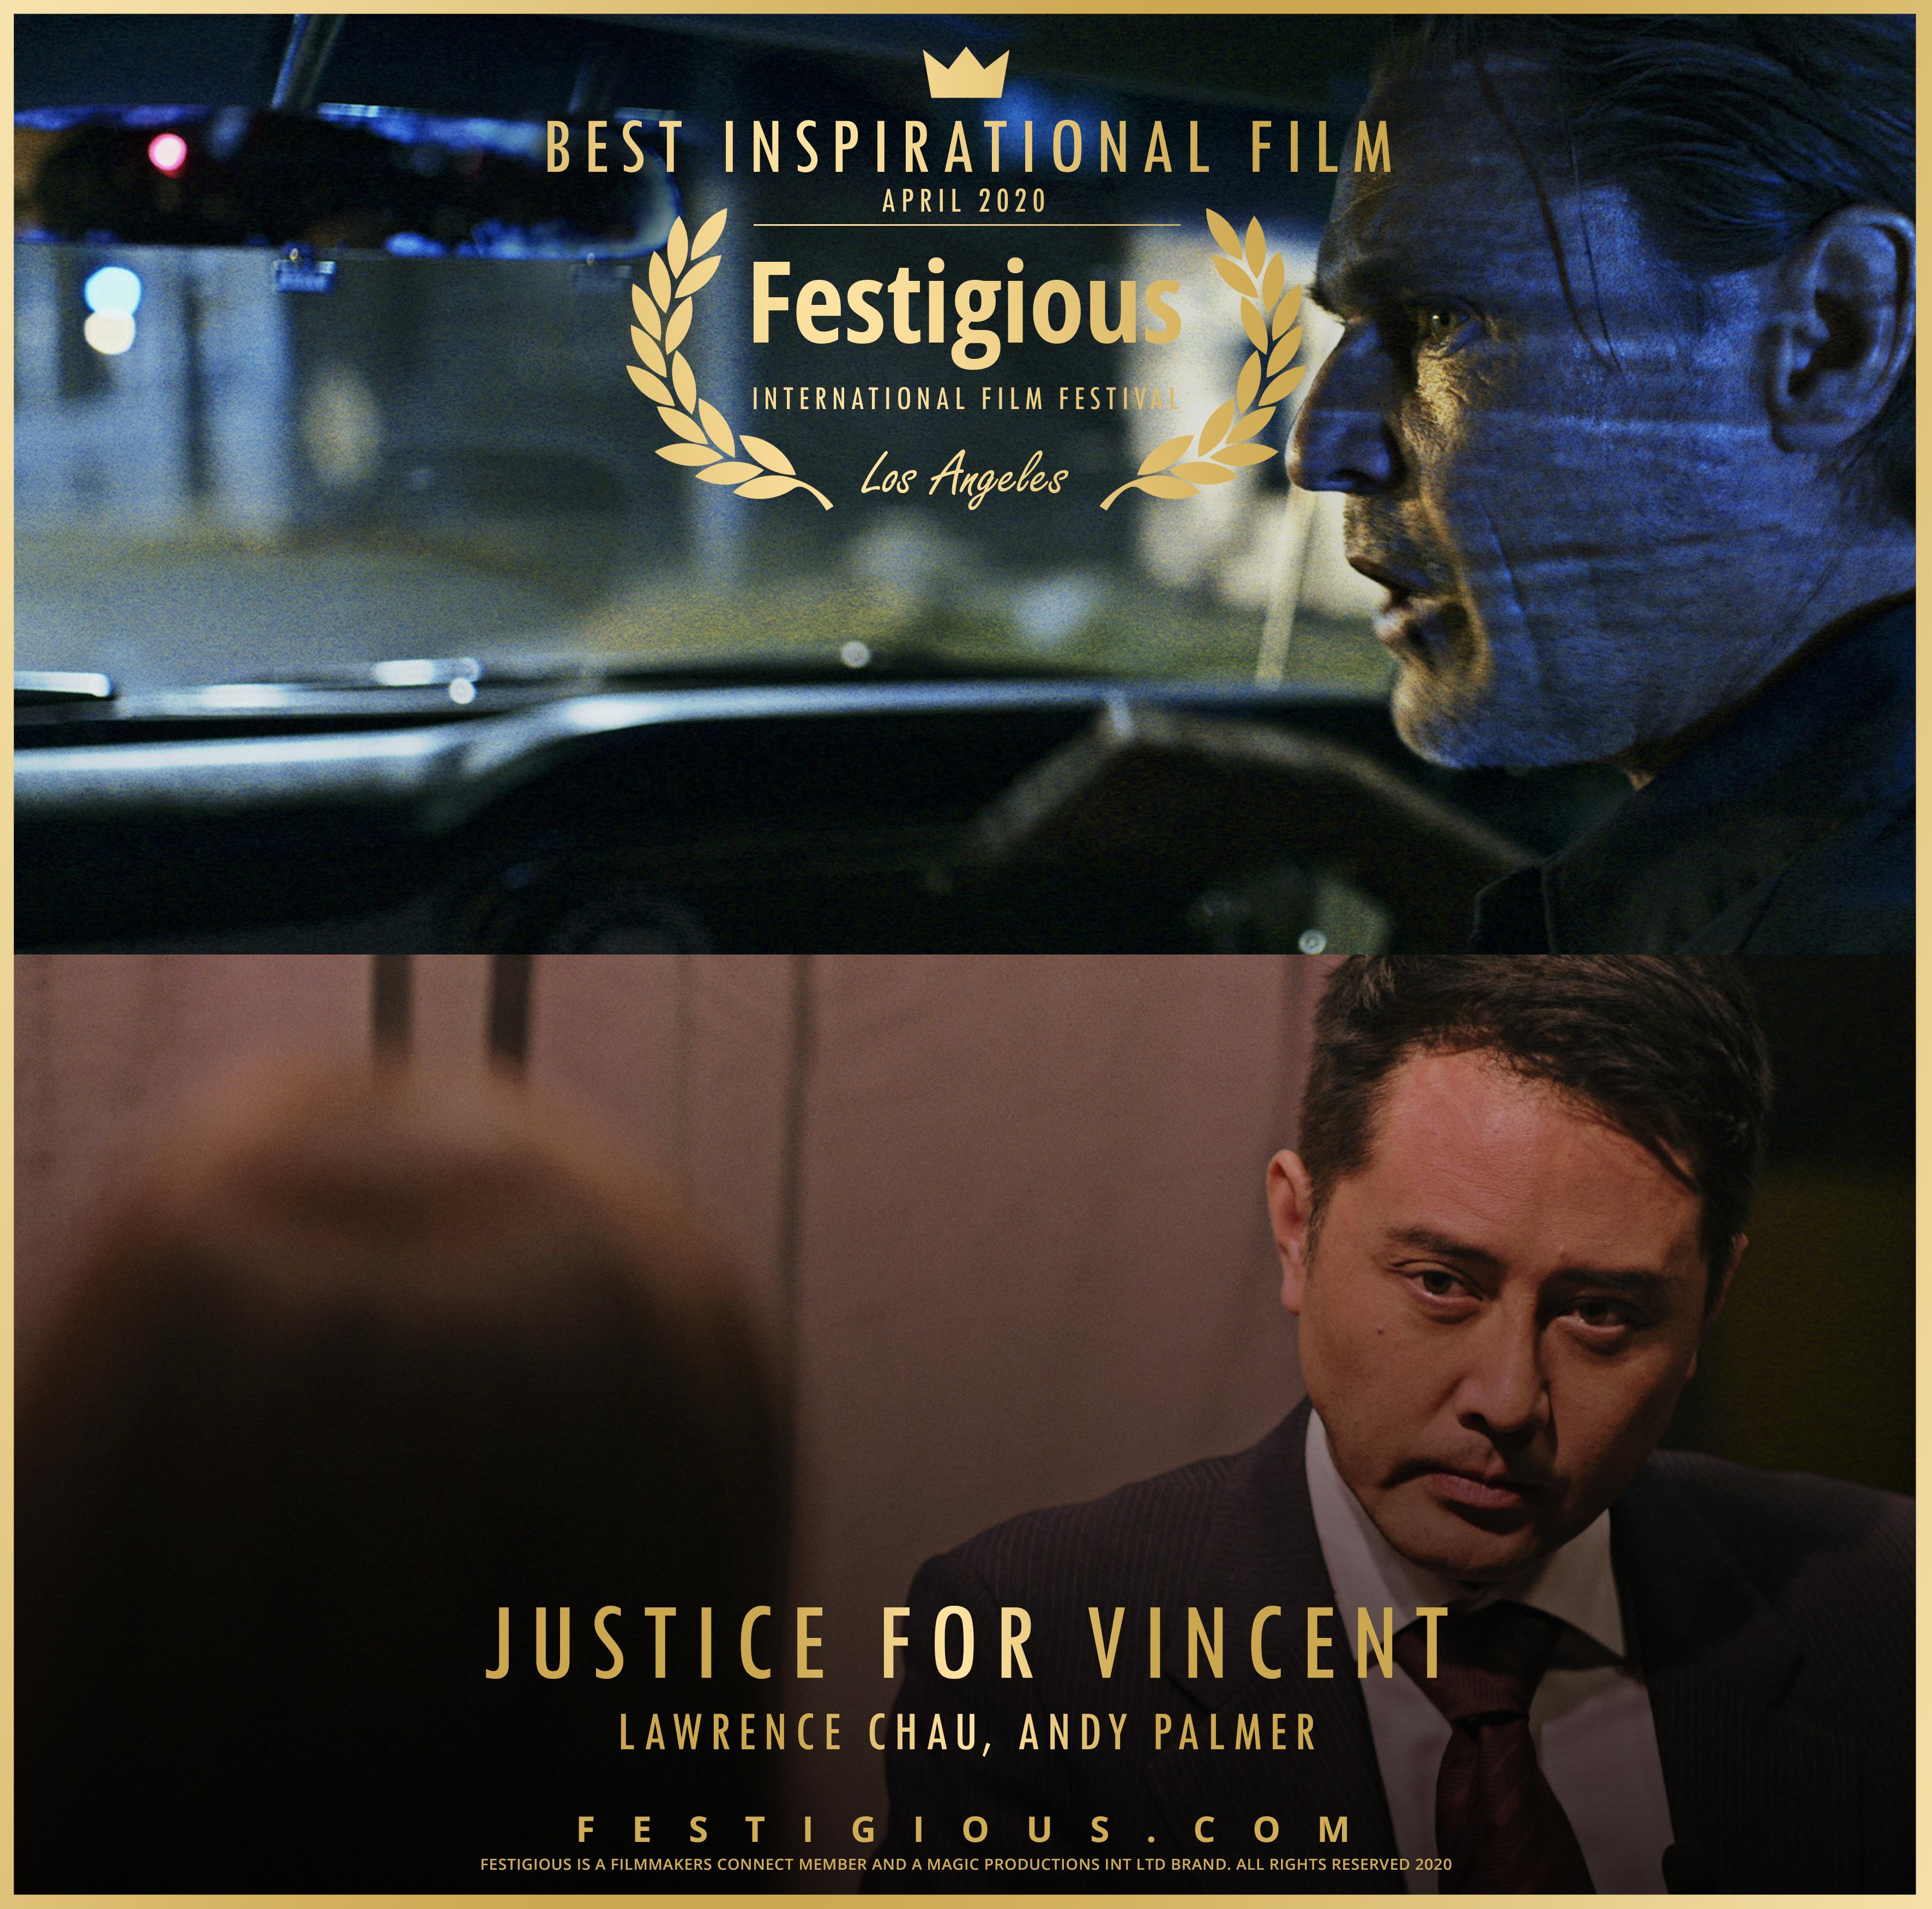 Justice for Vincent design